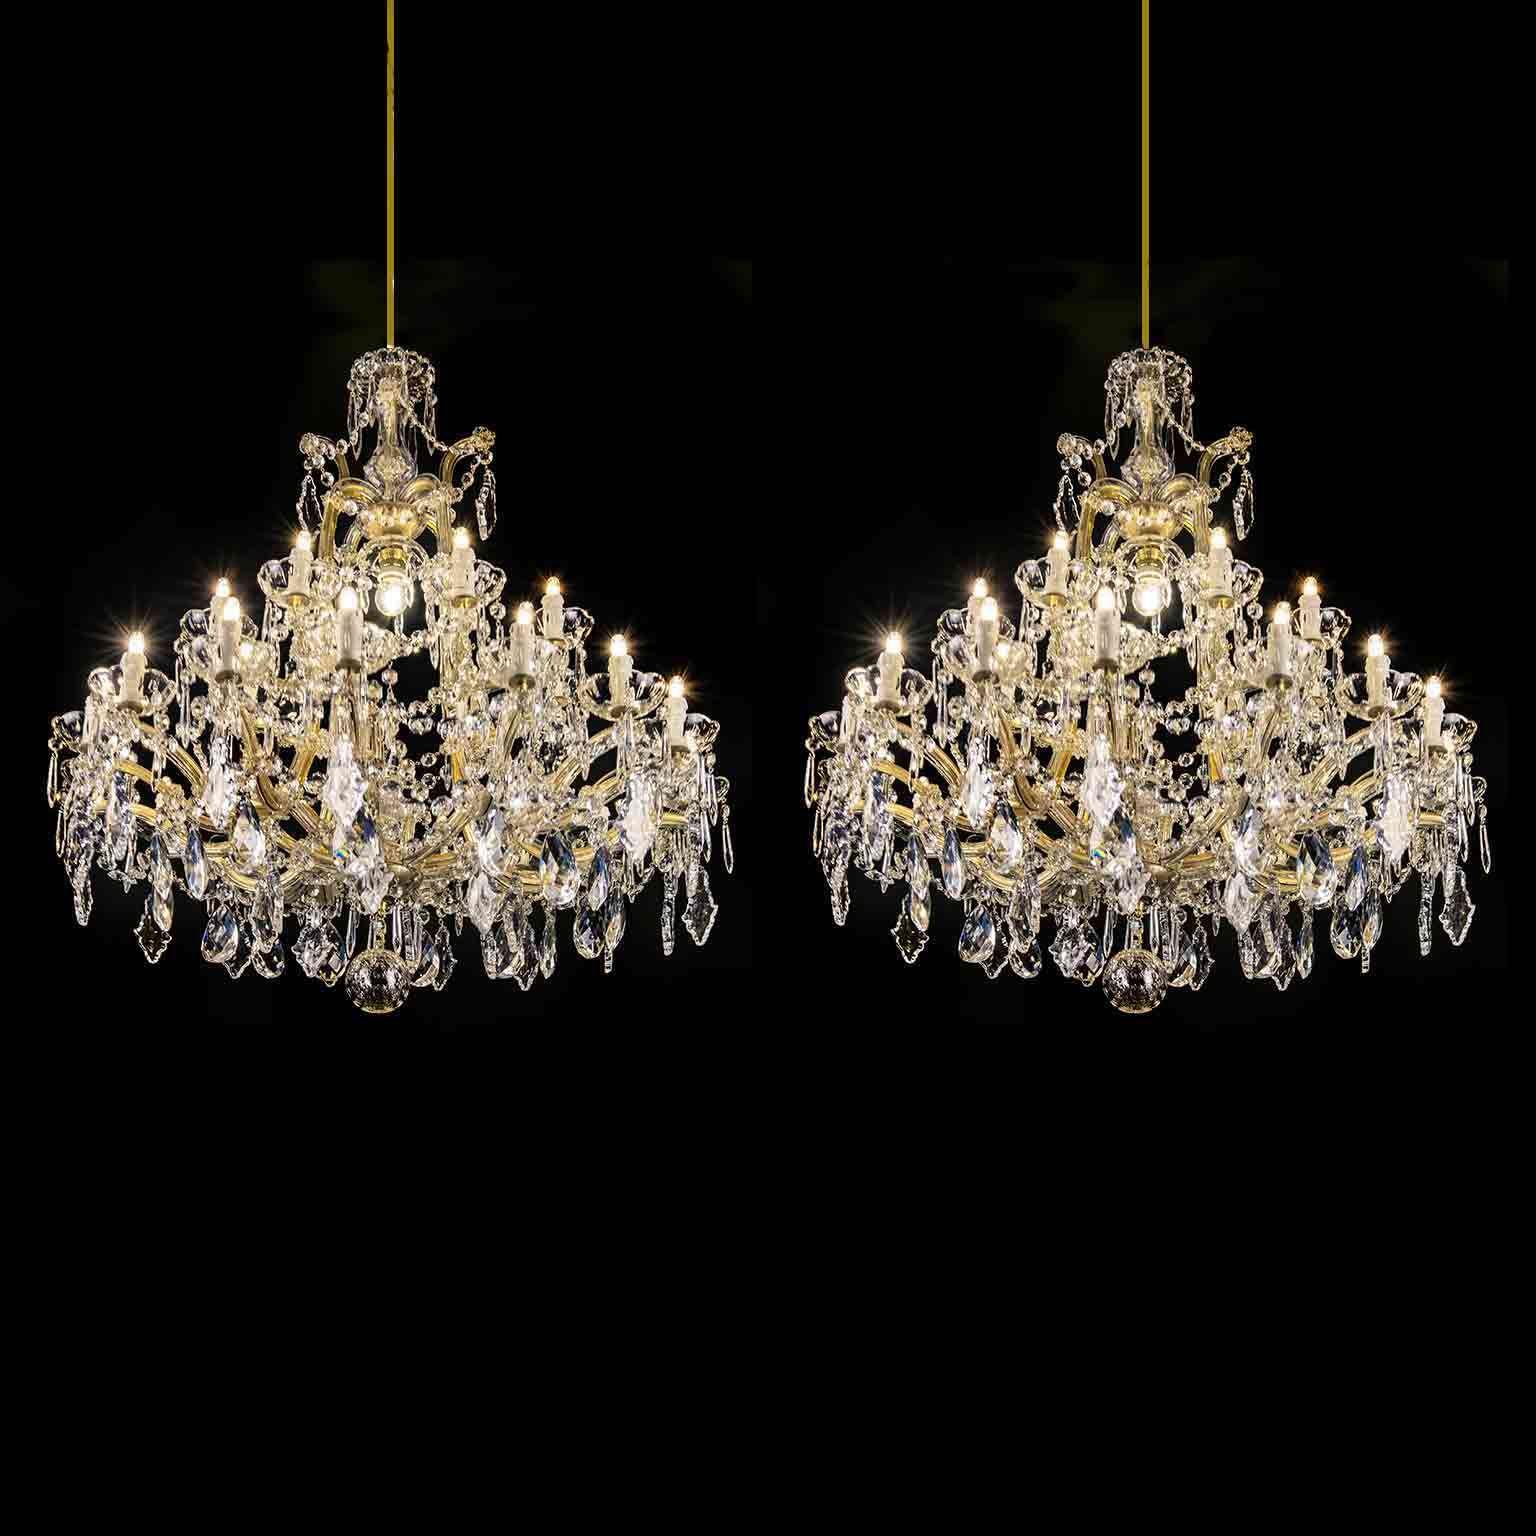 Innanzitutto, devi sapere che i lampadari con pendenti di. Coppia Di Antichi Lampadari In Cristallo Maria Teresa Lampadari Lampadari Cristallo Leggero